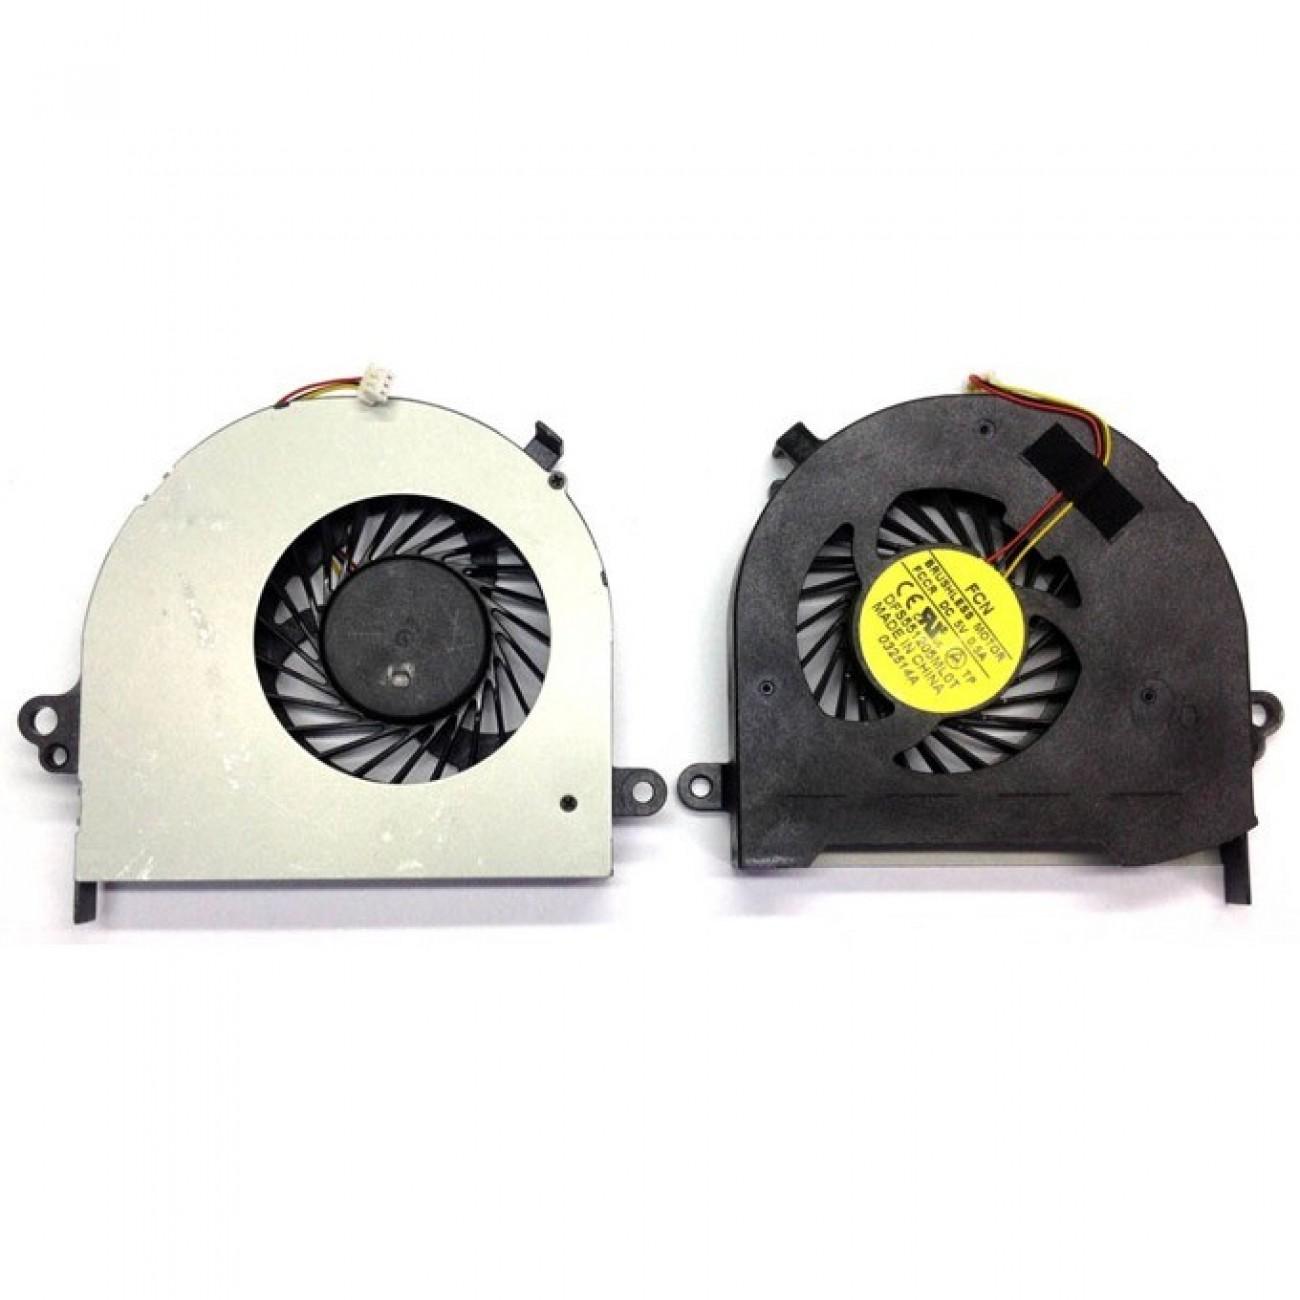 Вентилатор за лаптоп, съвместим с Toshiba Satellite C70 C70D C75 C75D L75 L75D в Резервни части -  | Alleop